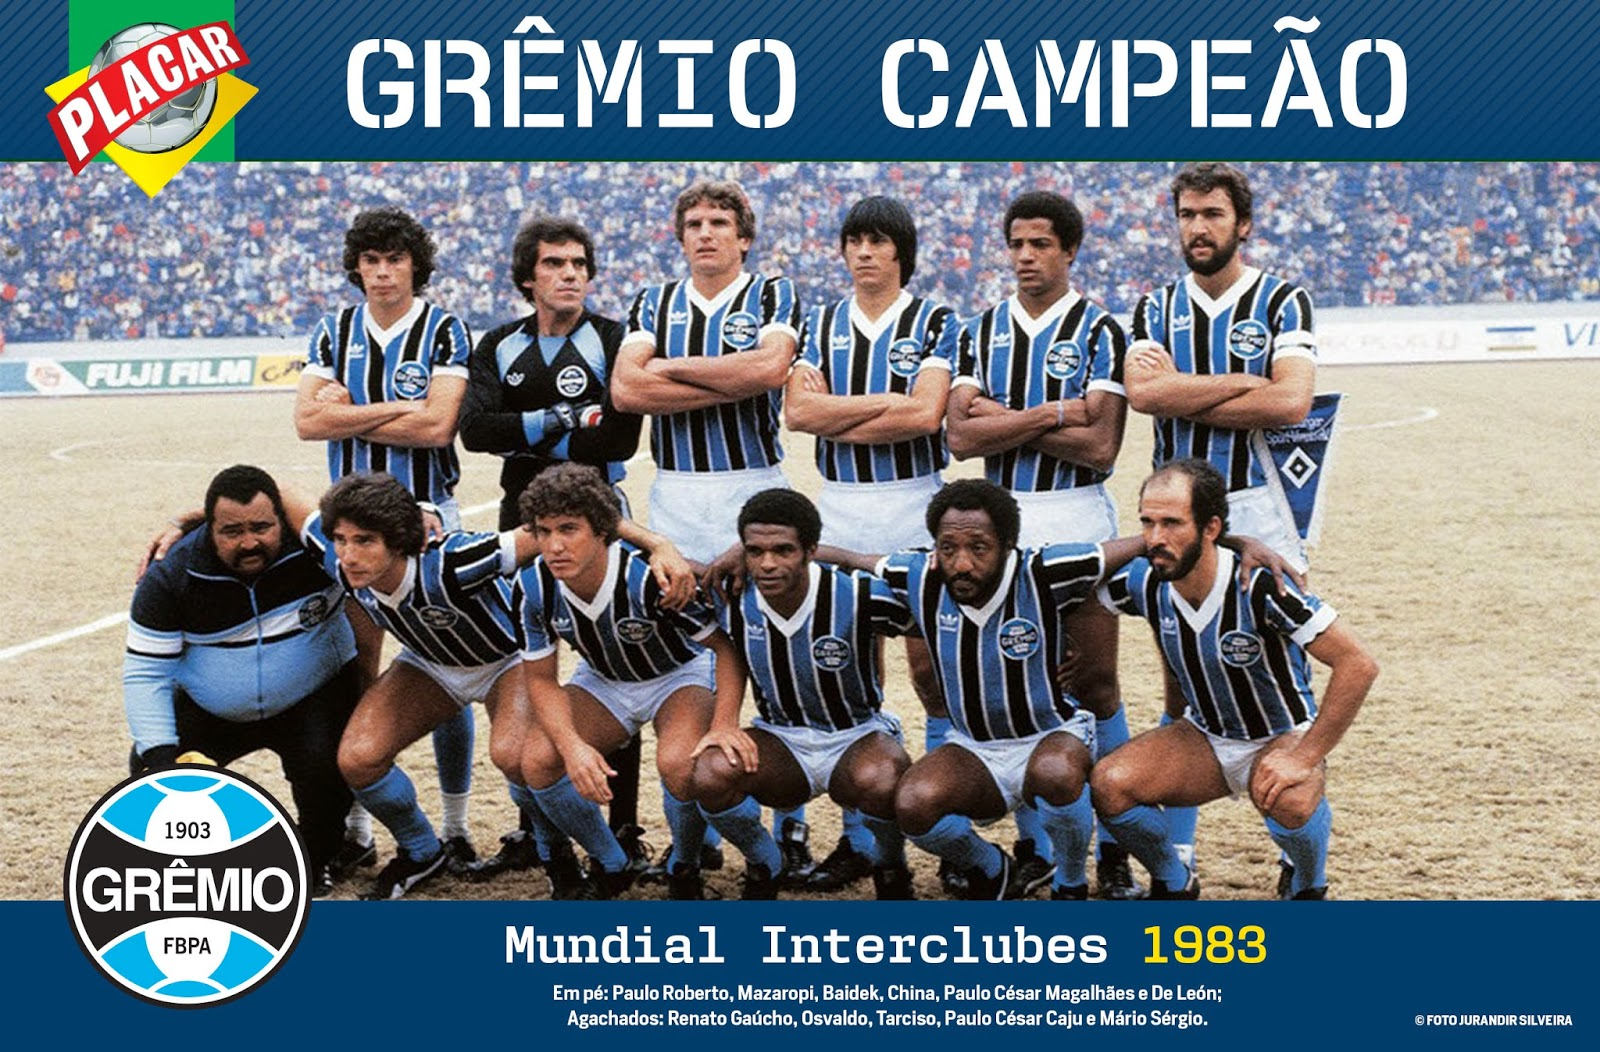 8fa0baa7b0 Há 30 anos  Grêmio Imortal Tricolor Gaúcho celebrava a conquista de campeão  mundial de clubes